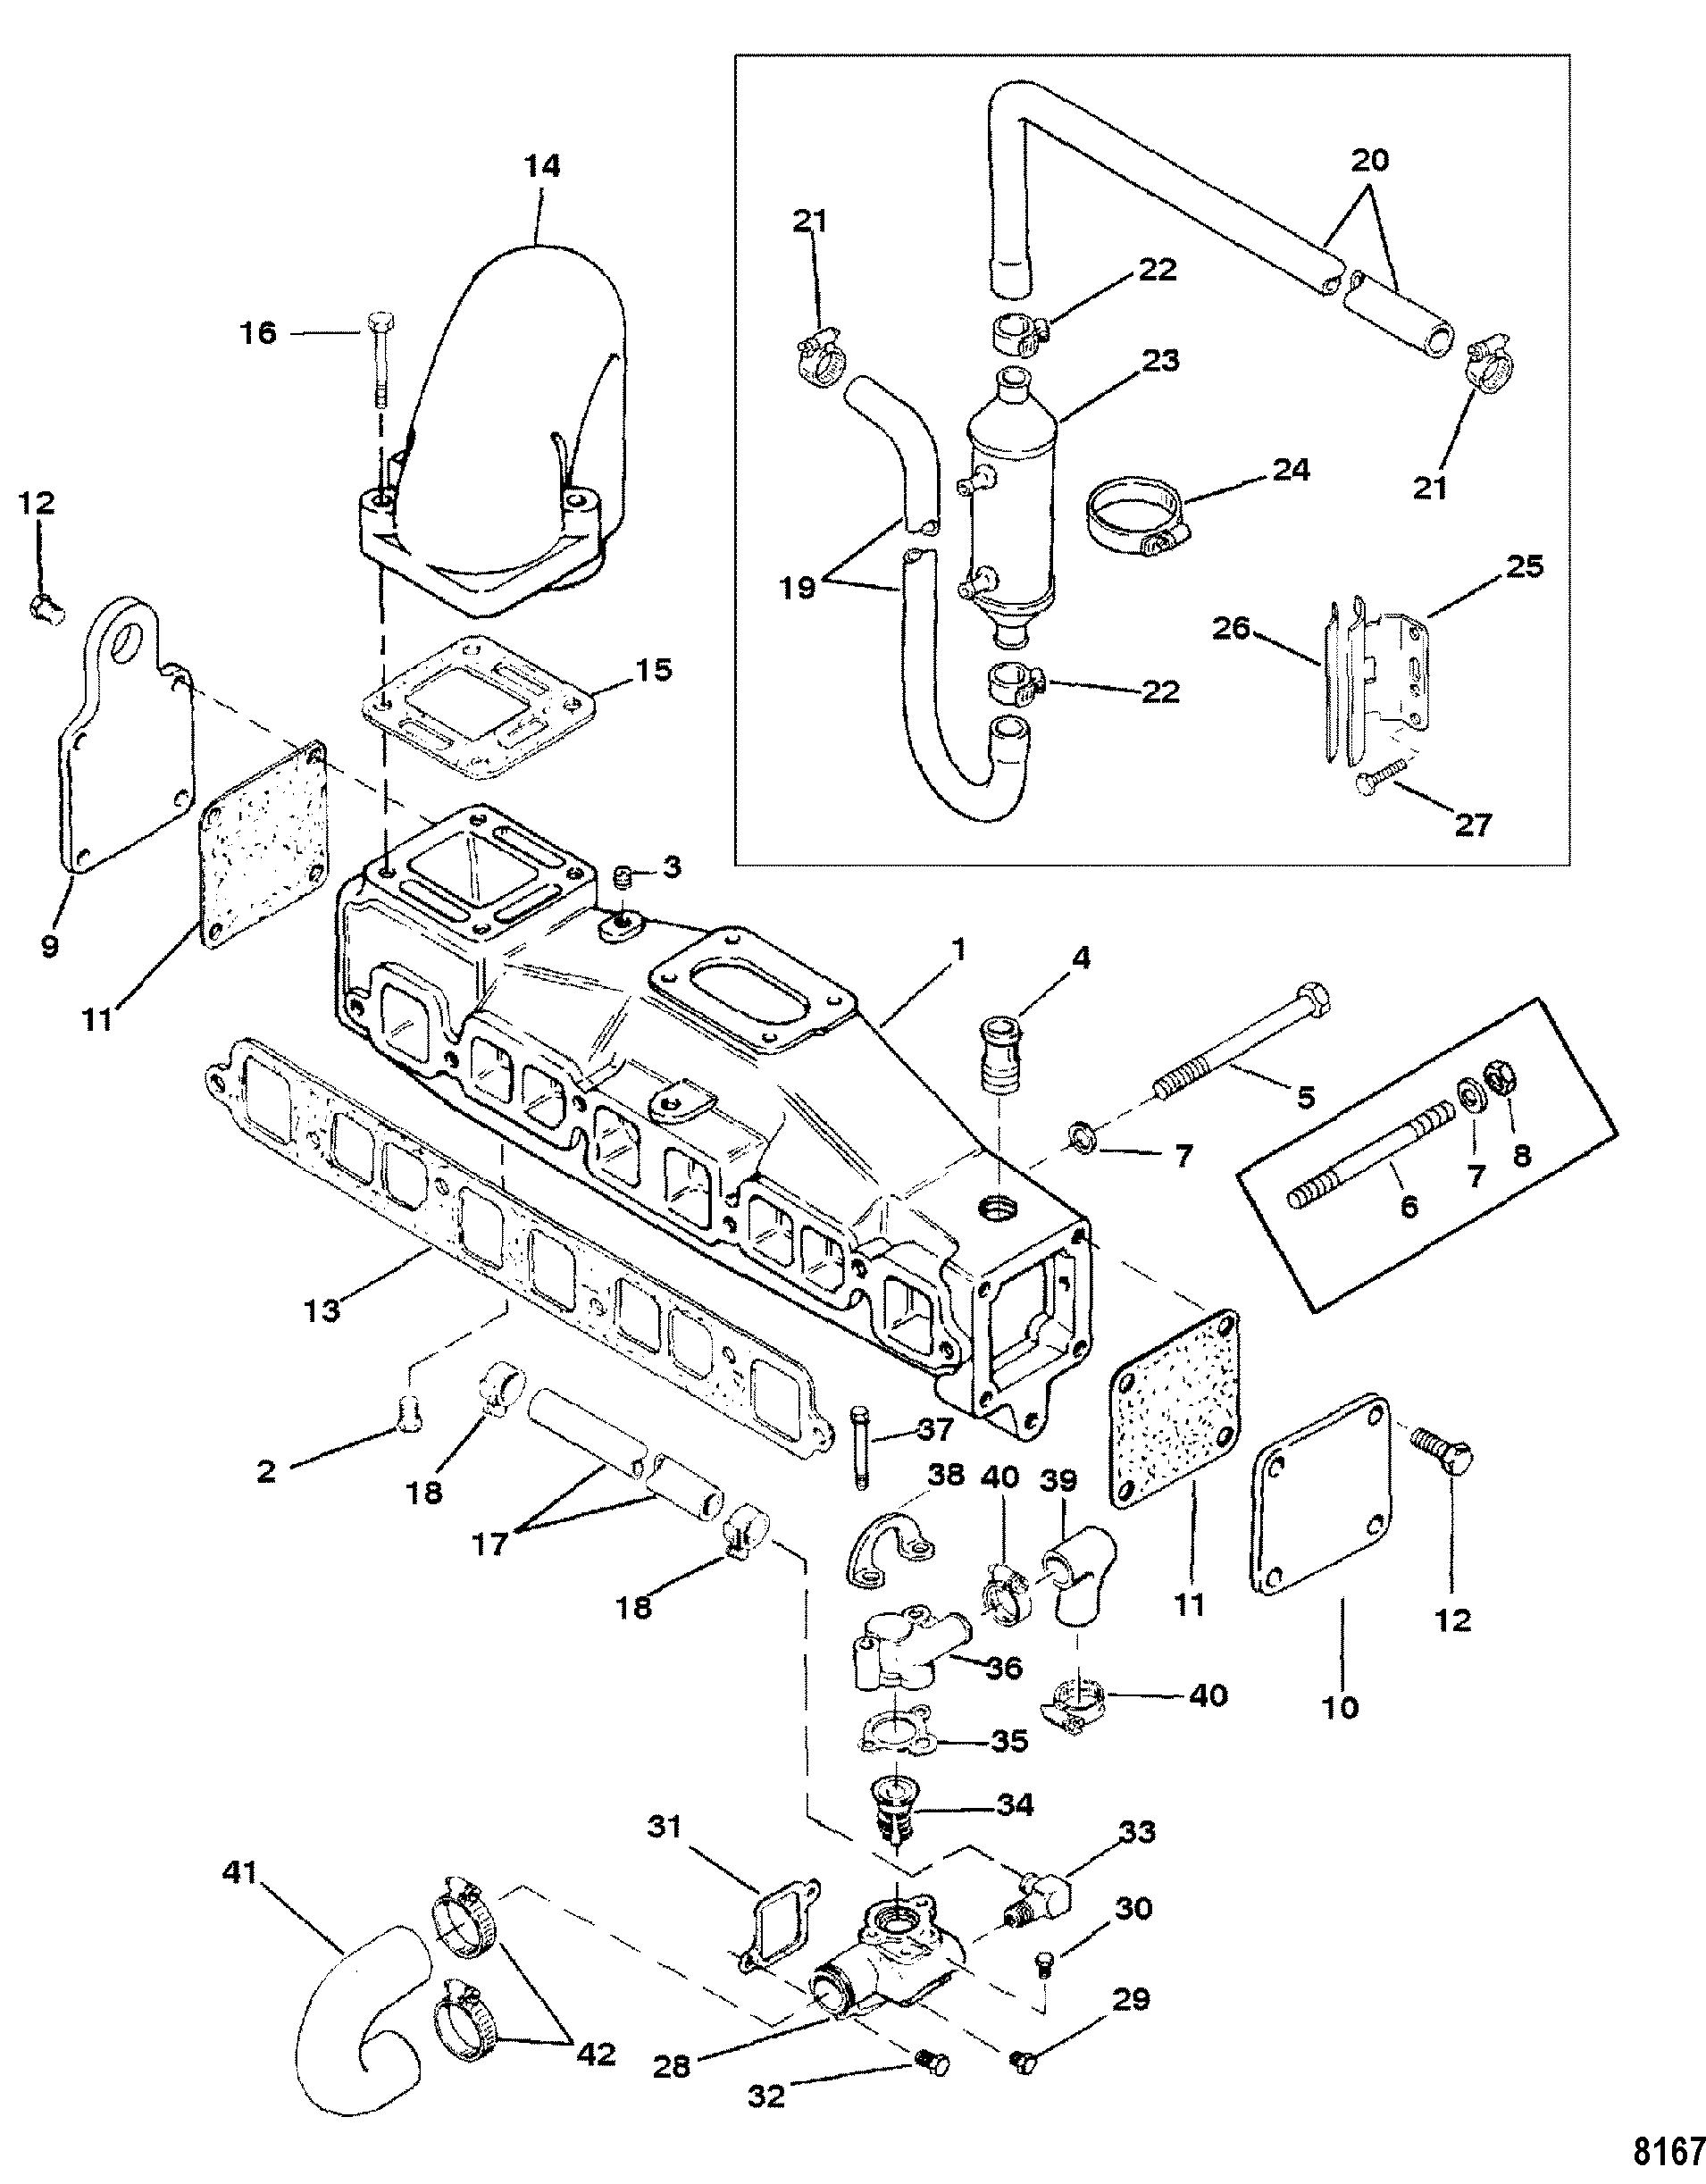 snap circuits sc 750